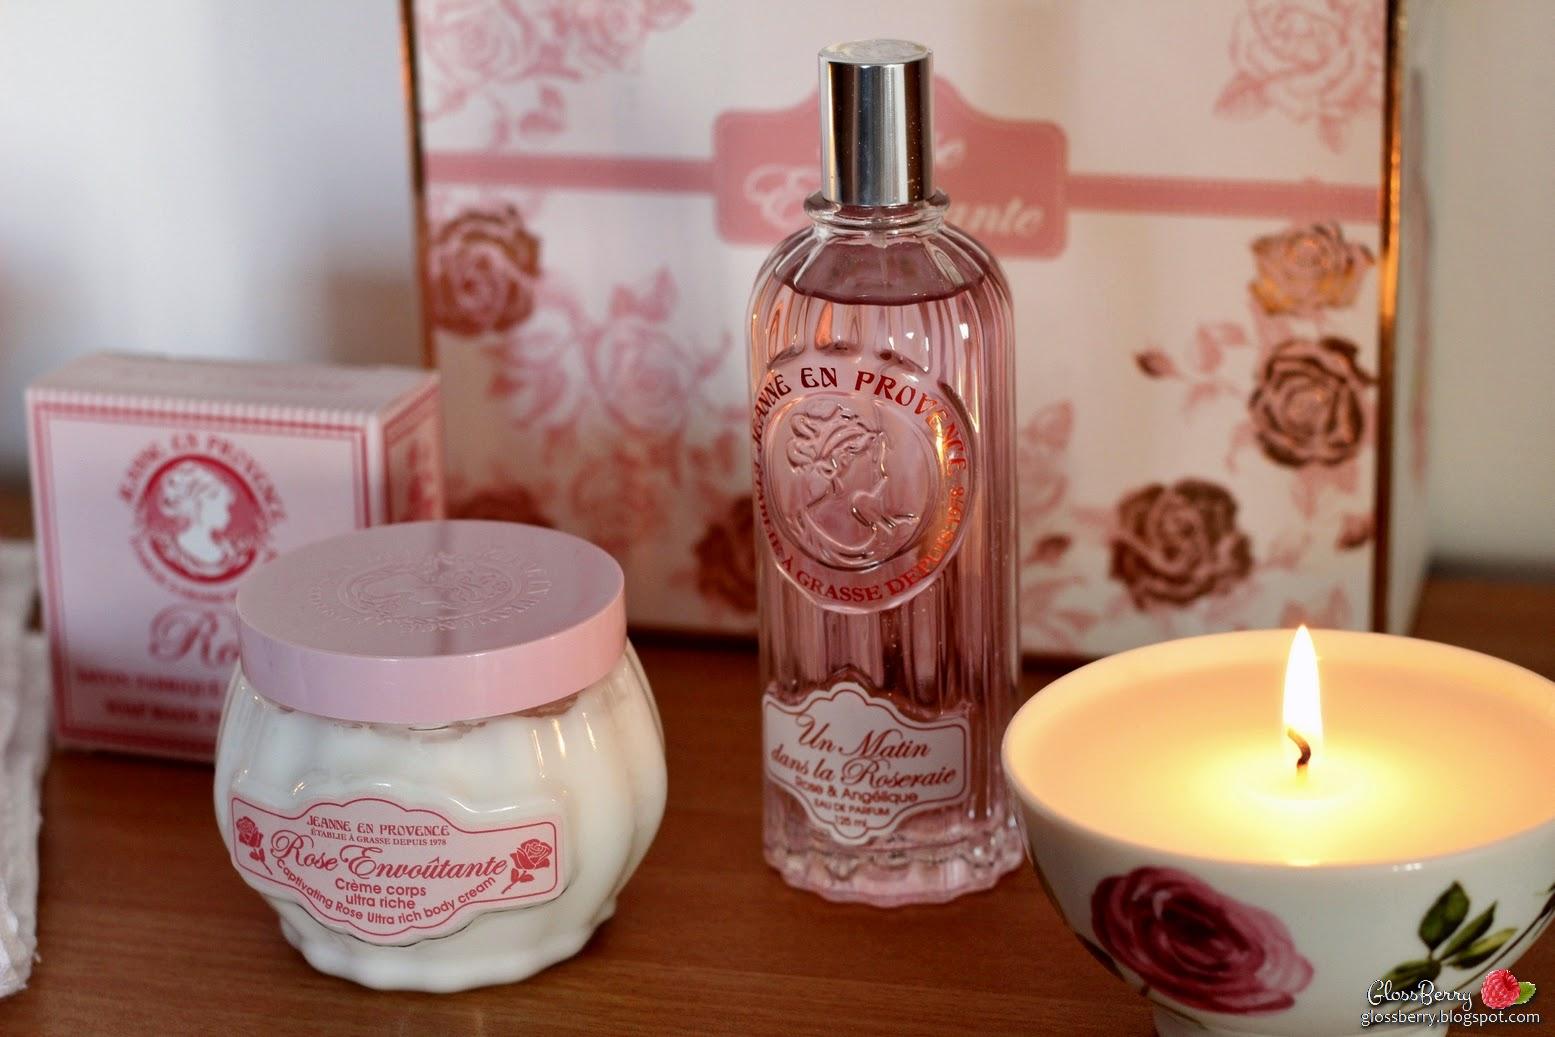 jeanne en provence rose perfume body soap perfume ורדים רוז  ג'ין פרובנס בלוג איפור וטיפוח glossberry גלוסברי ביוטי beauty blog